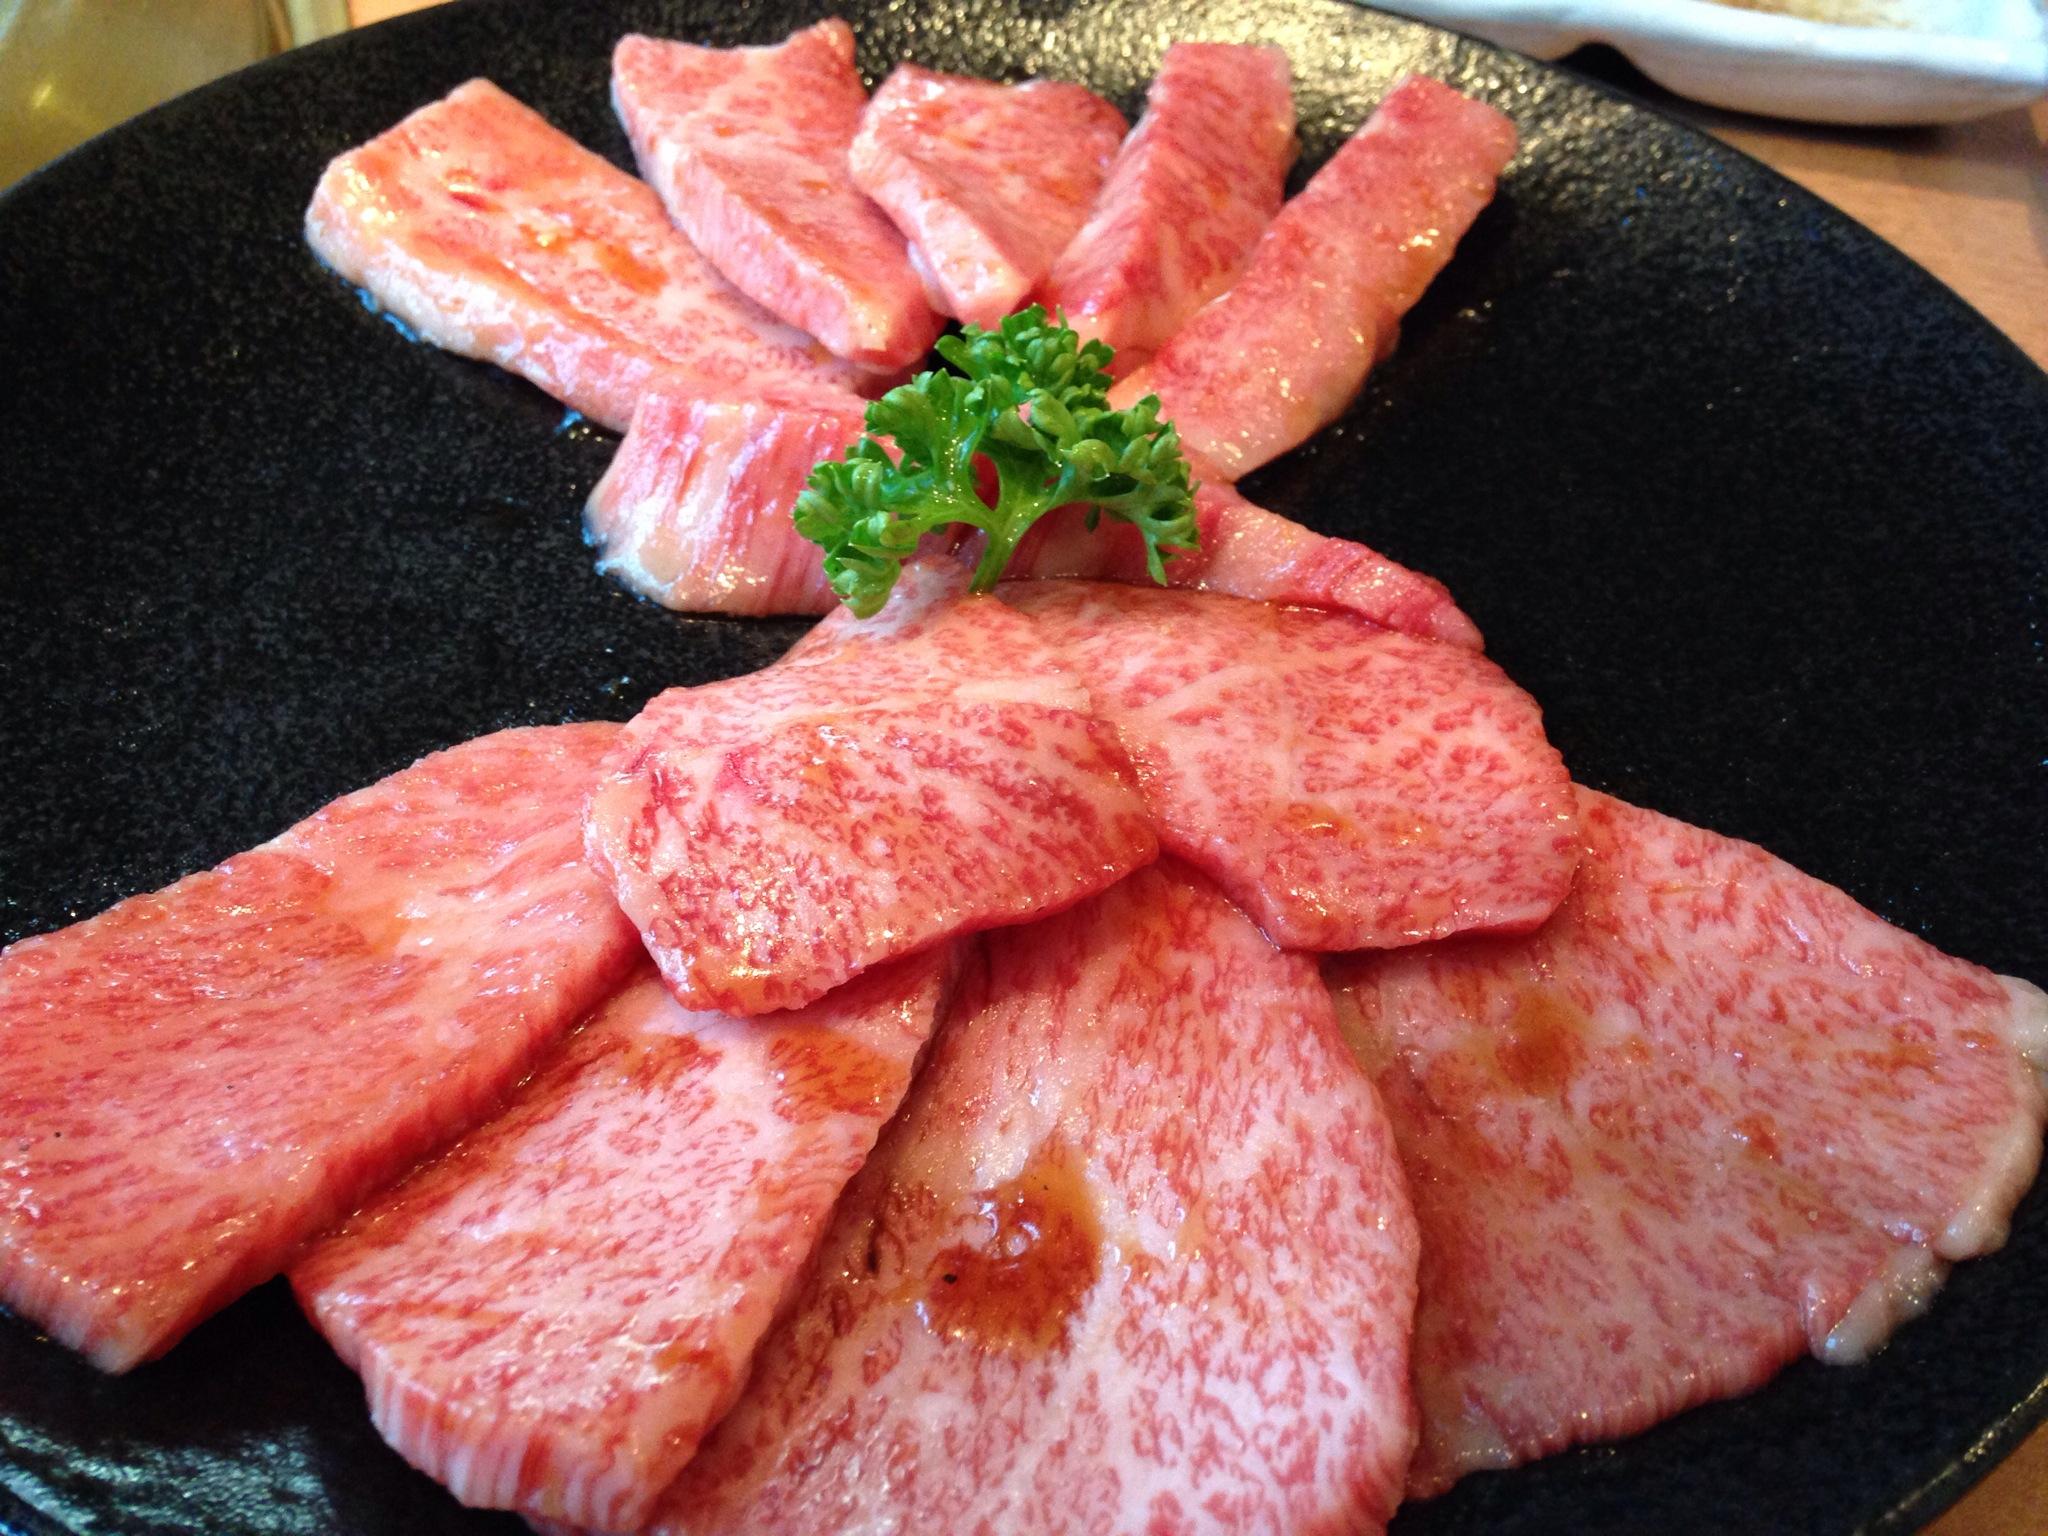 焼肉問屋牛蔵 | 富士見台にある、圧倒的な高コスパで極上の焼肉屋をついに訪問! 極上堪能編